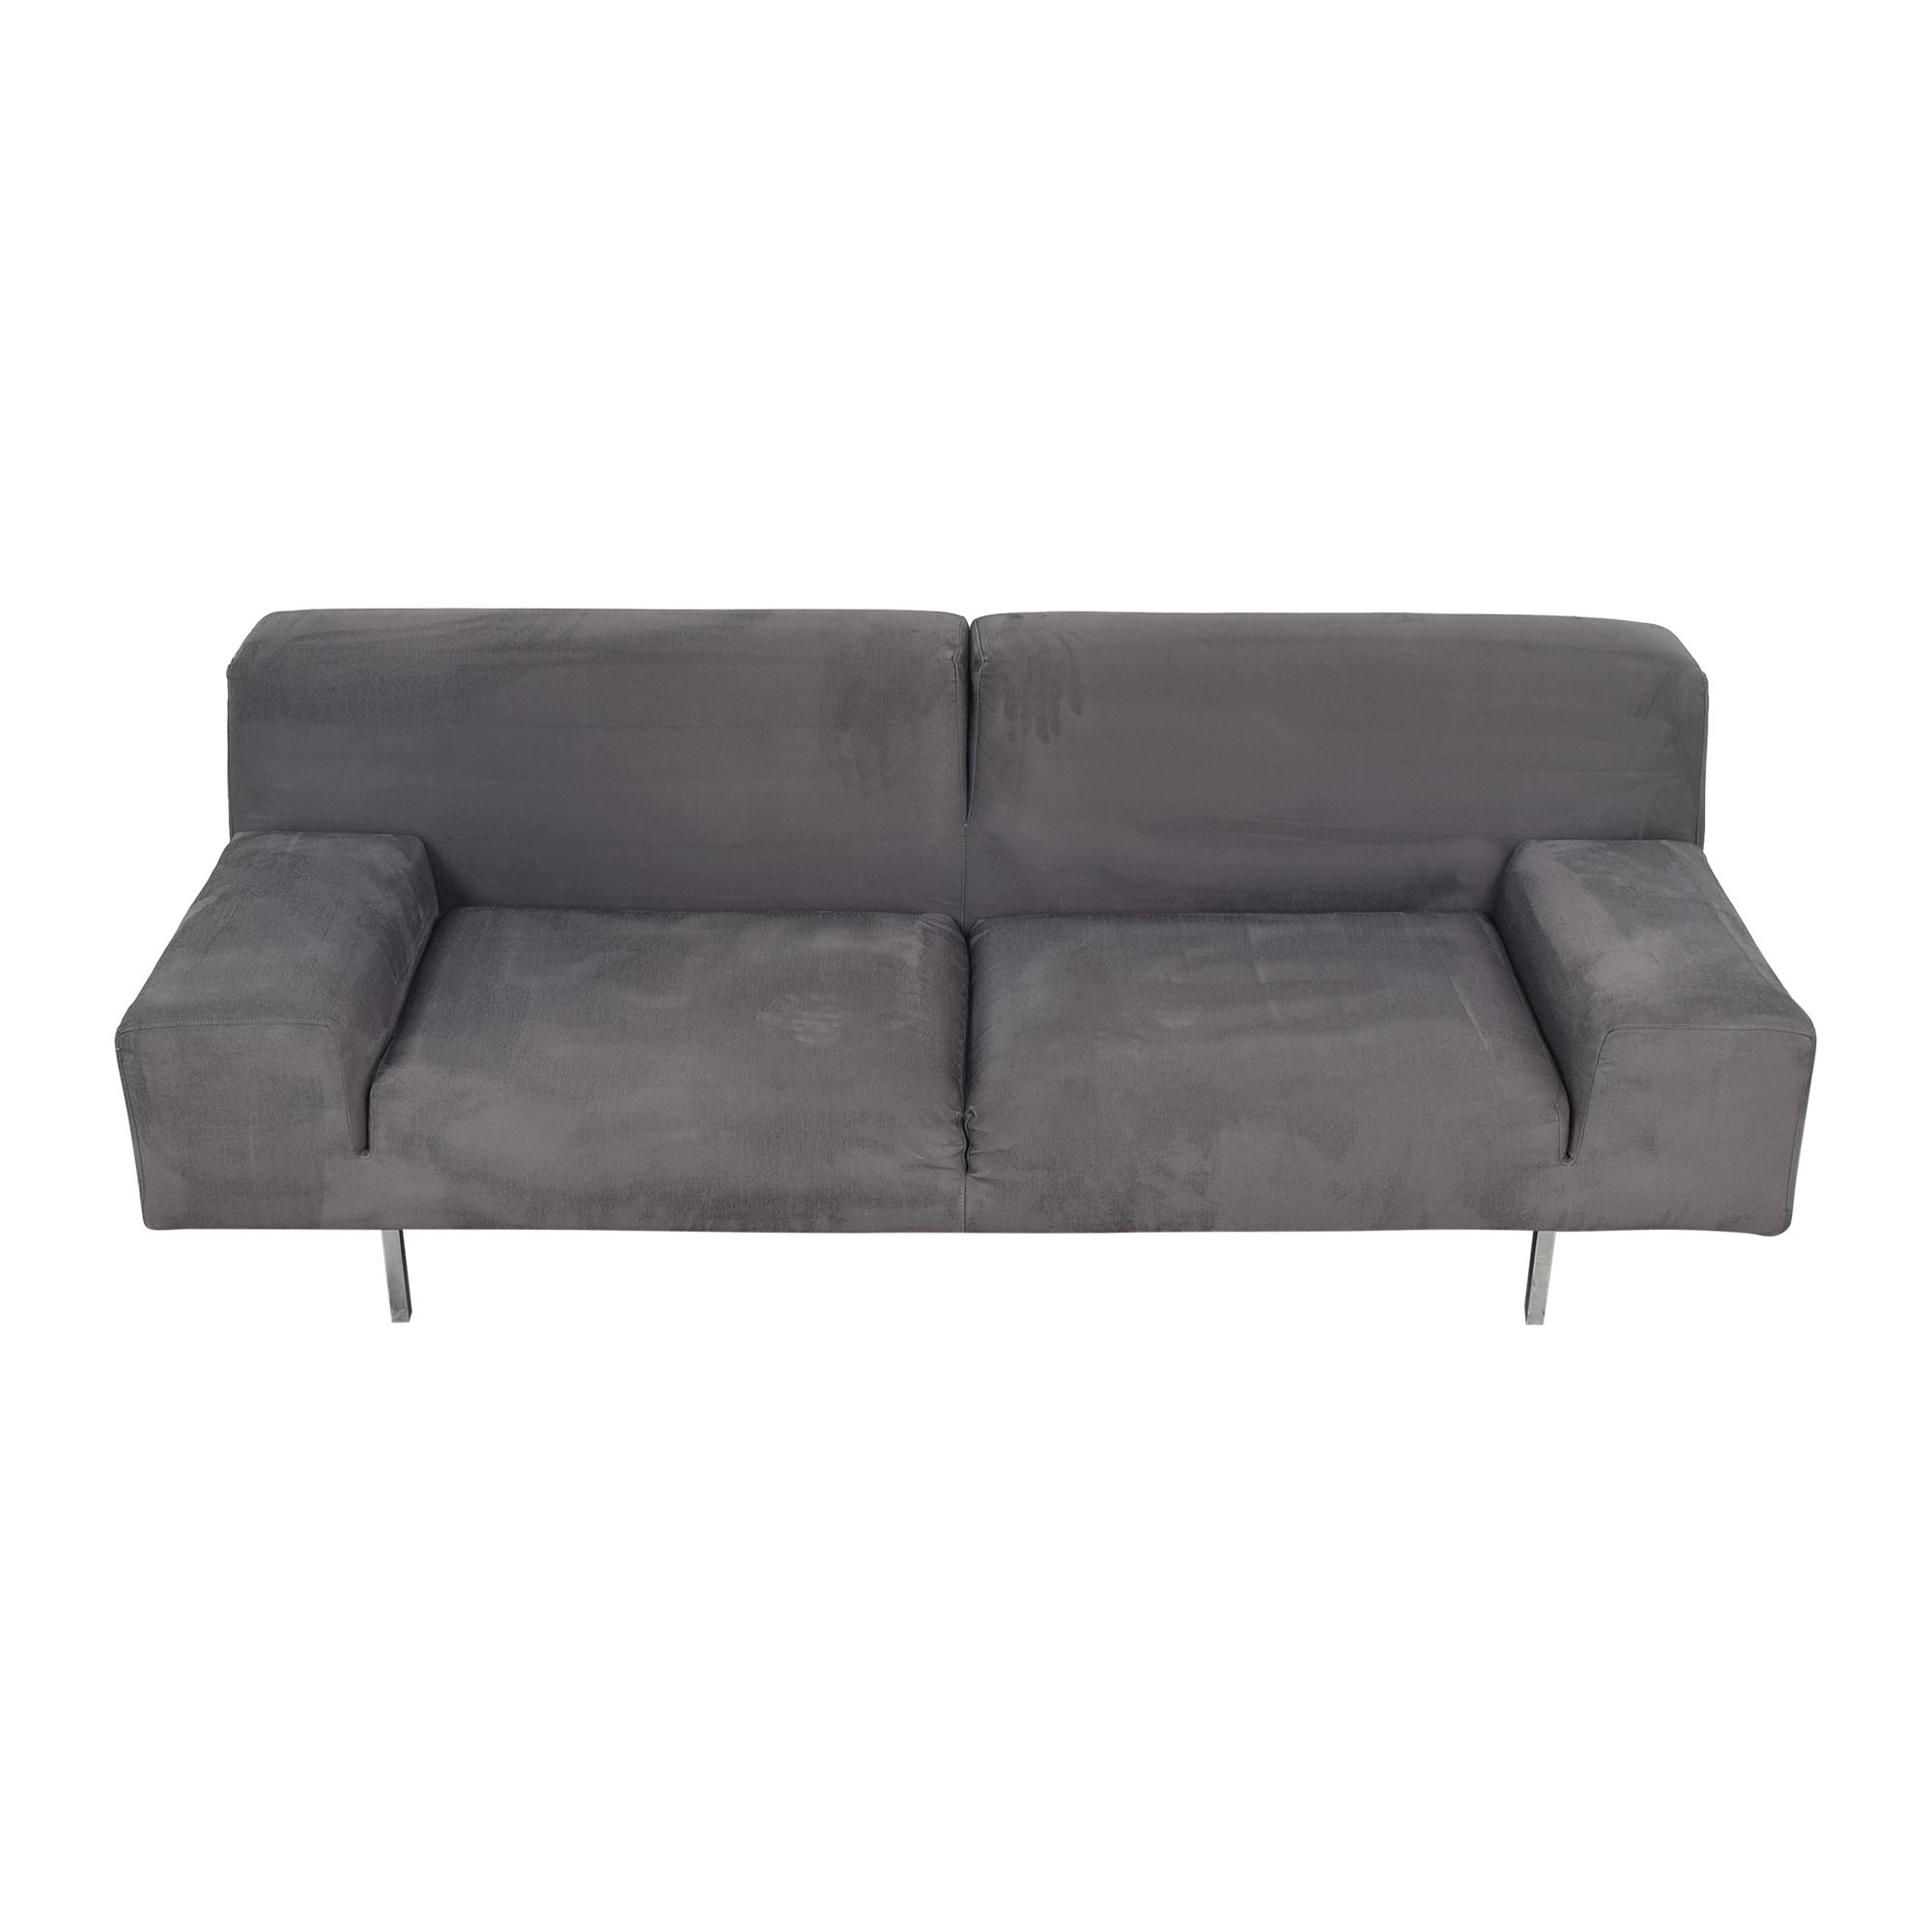 Molteni Molteni Modern Sofa on sale